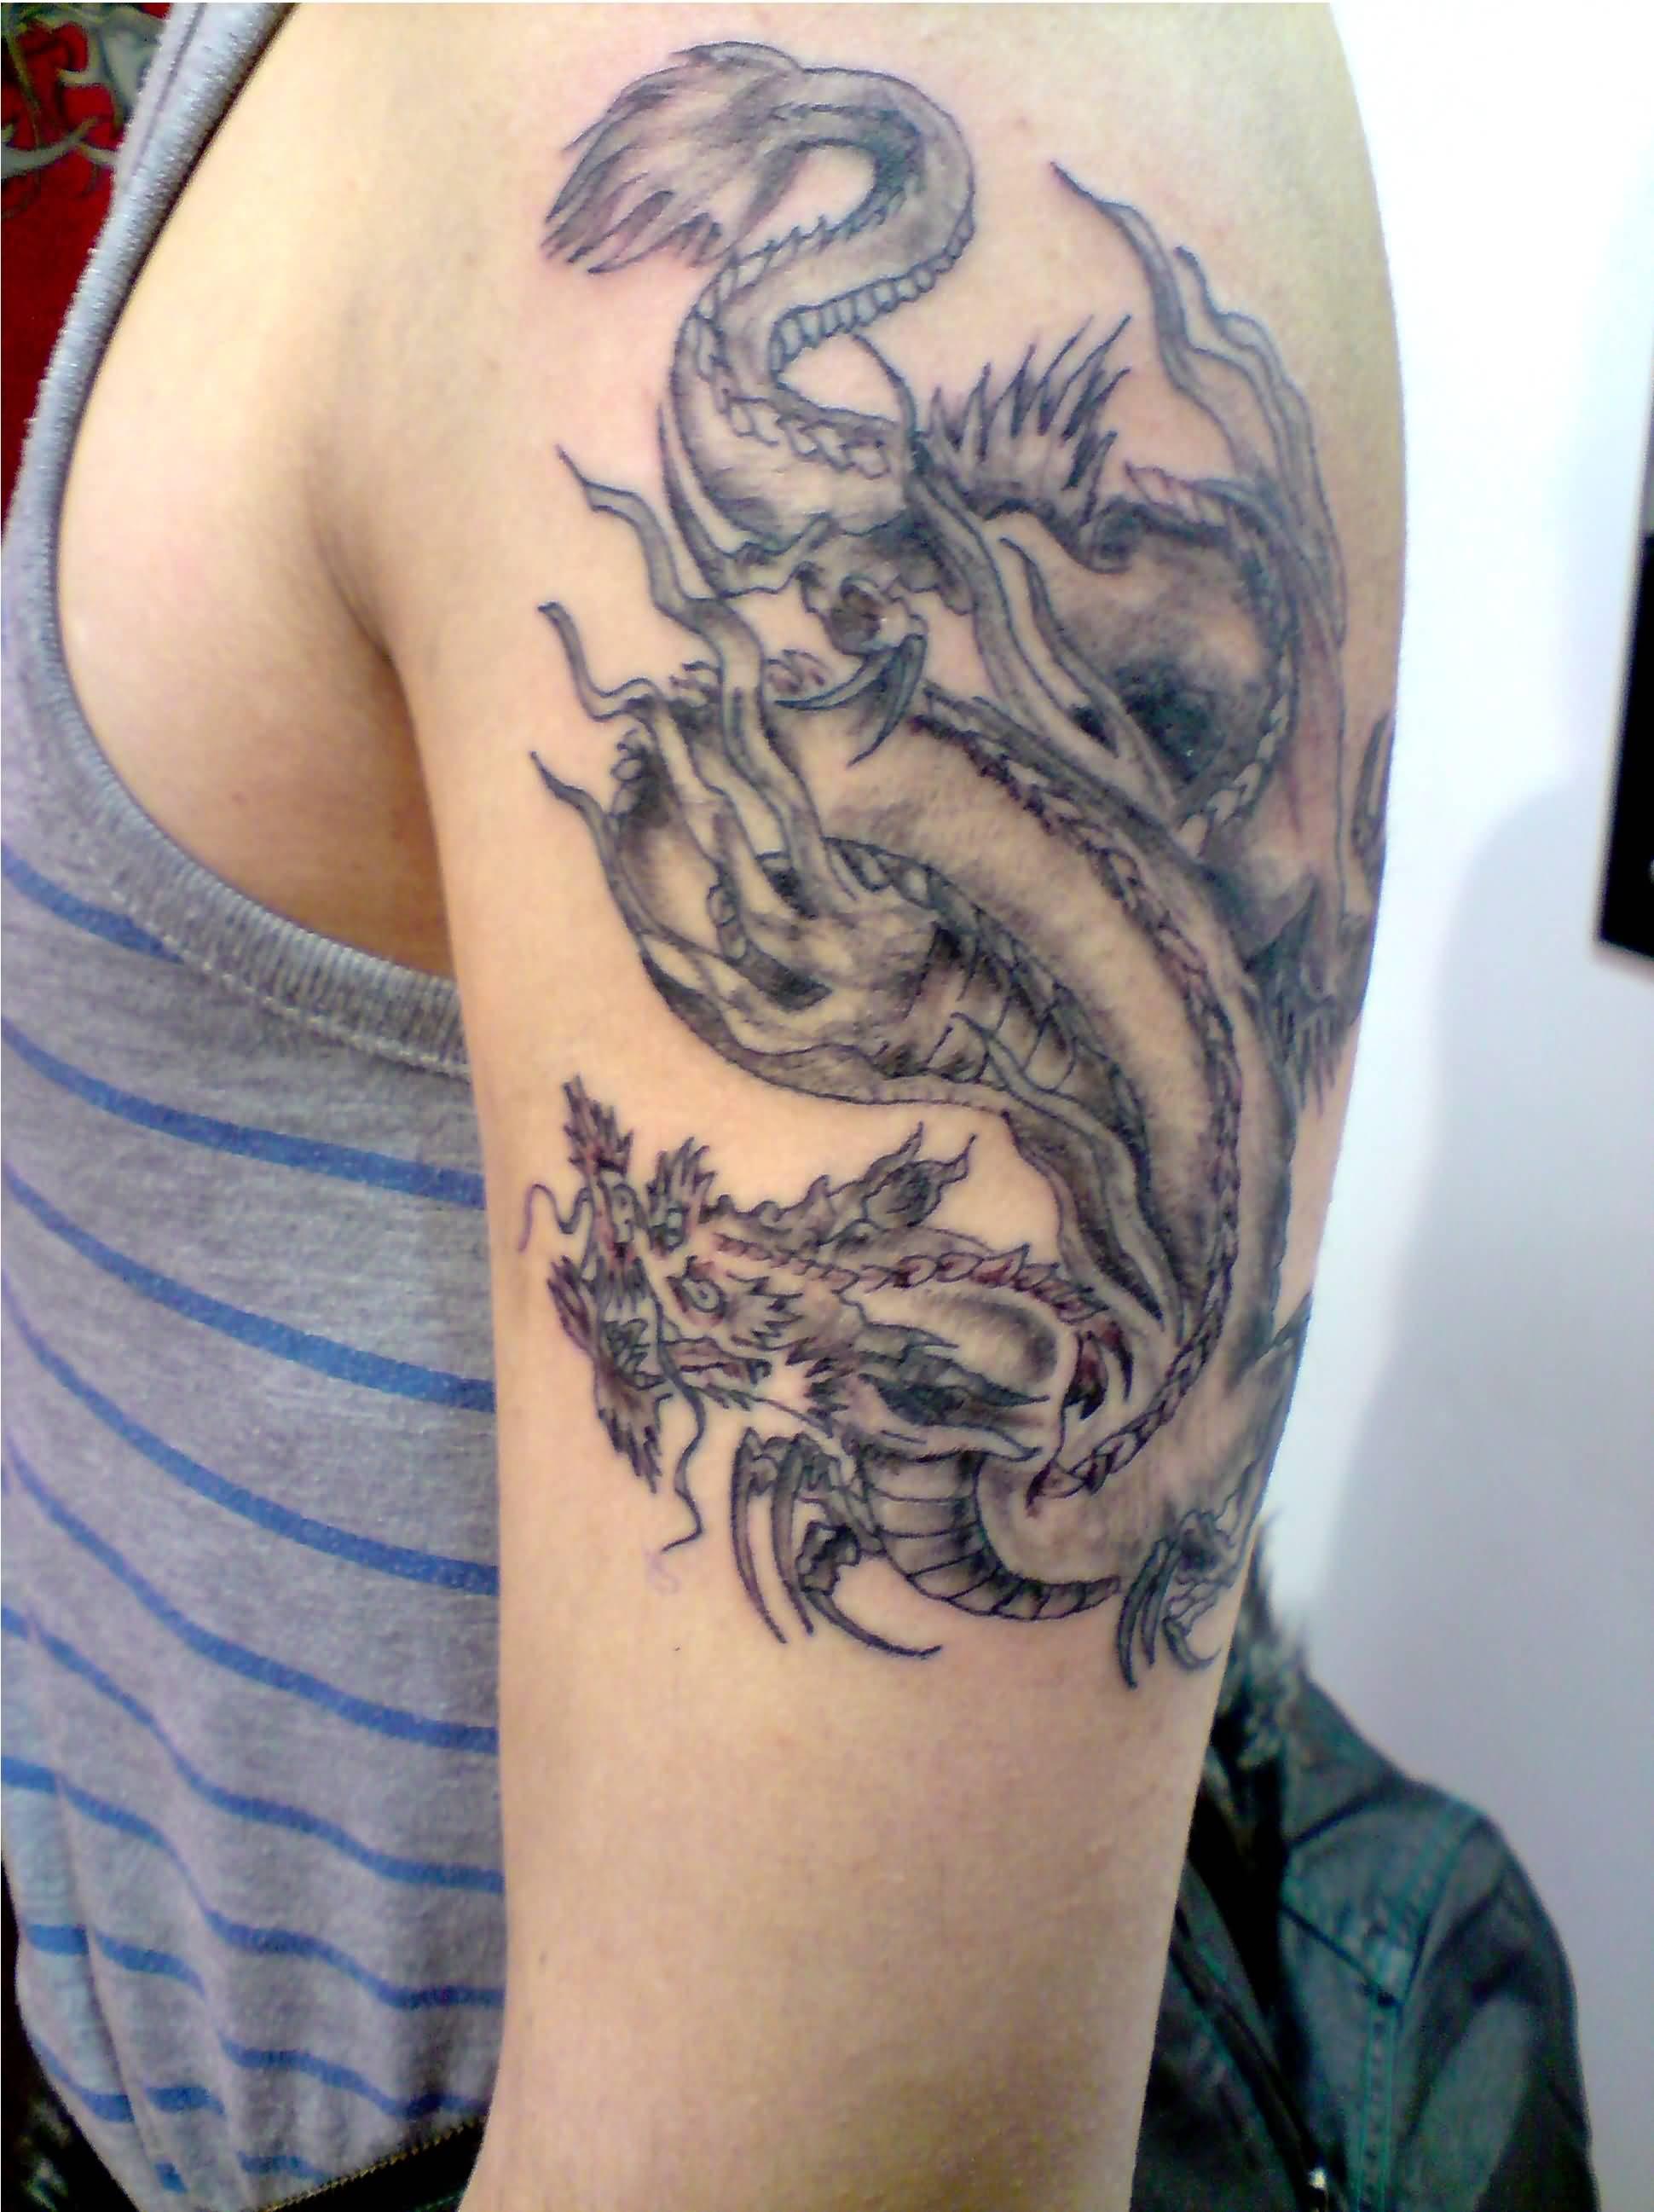 Remarkable, Asian dragon tatoos not